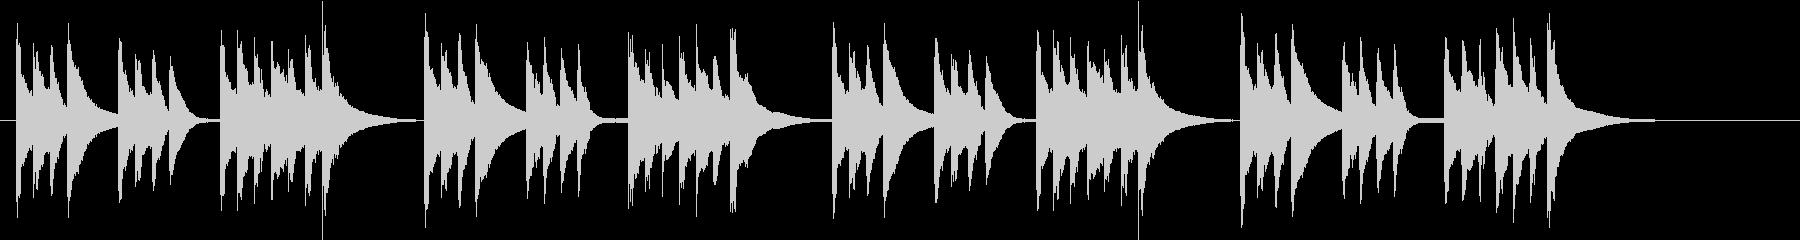 木琴のみで作ったのんびりした短い曲の未再生の波形